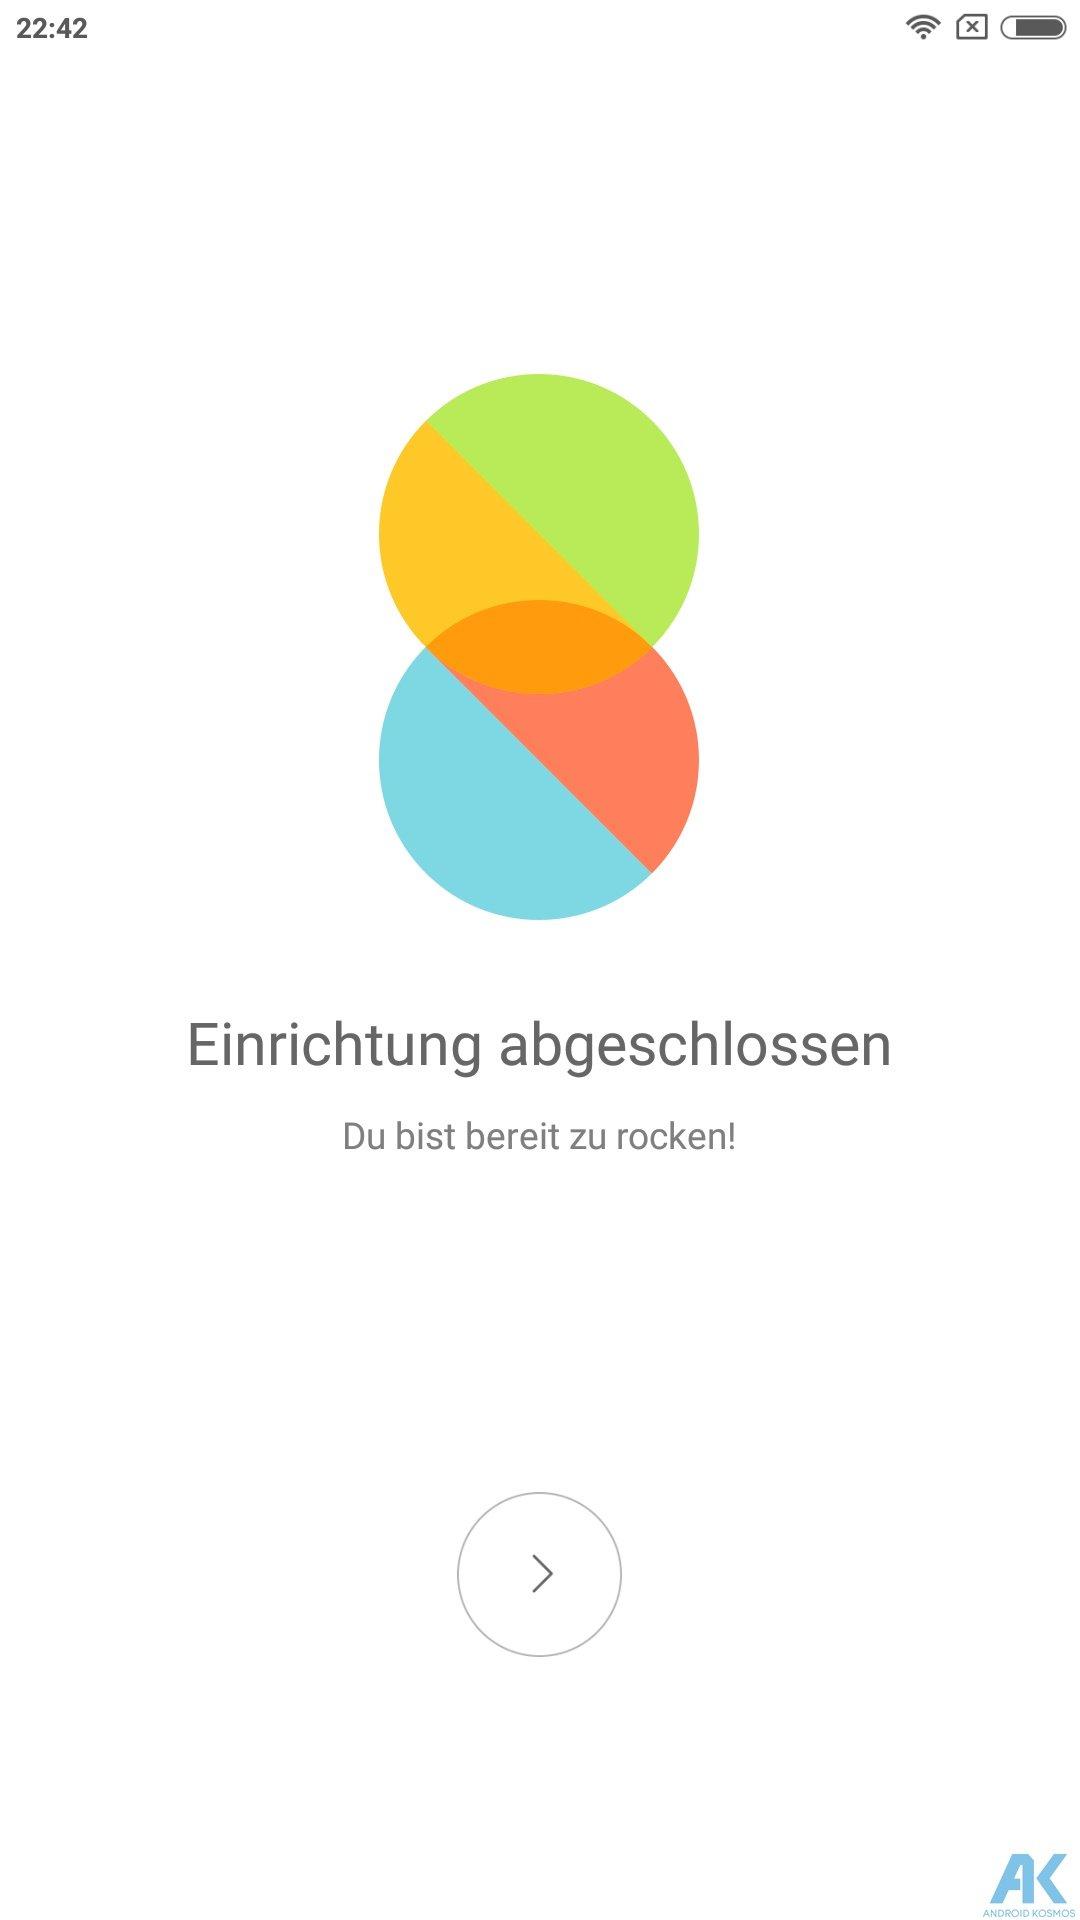 Xiaomi Mi Max 2 Test: Das Phablet ist ein wahrer Akkugigant 29